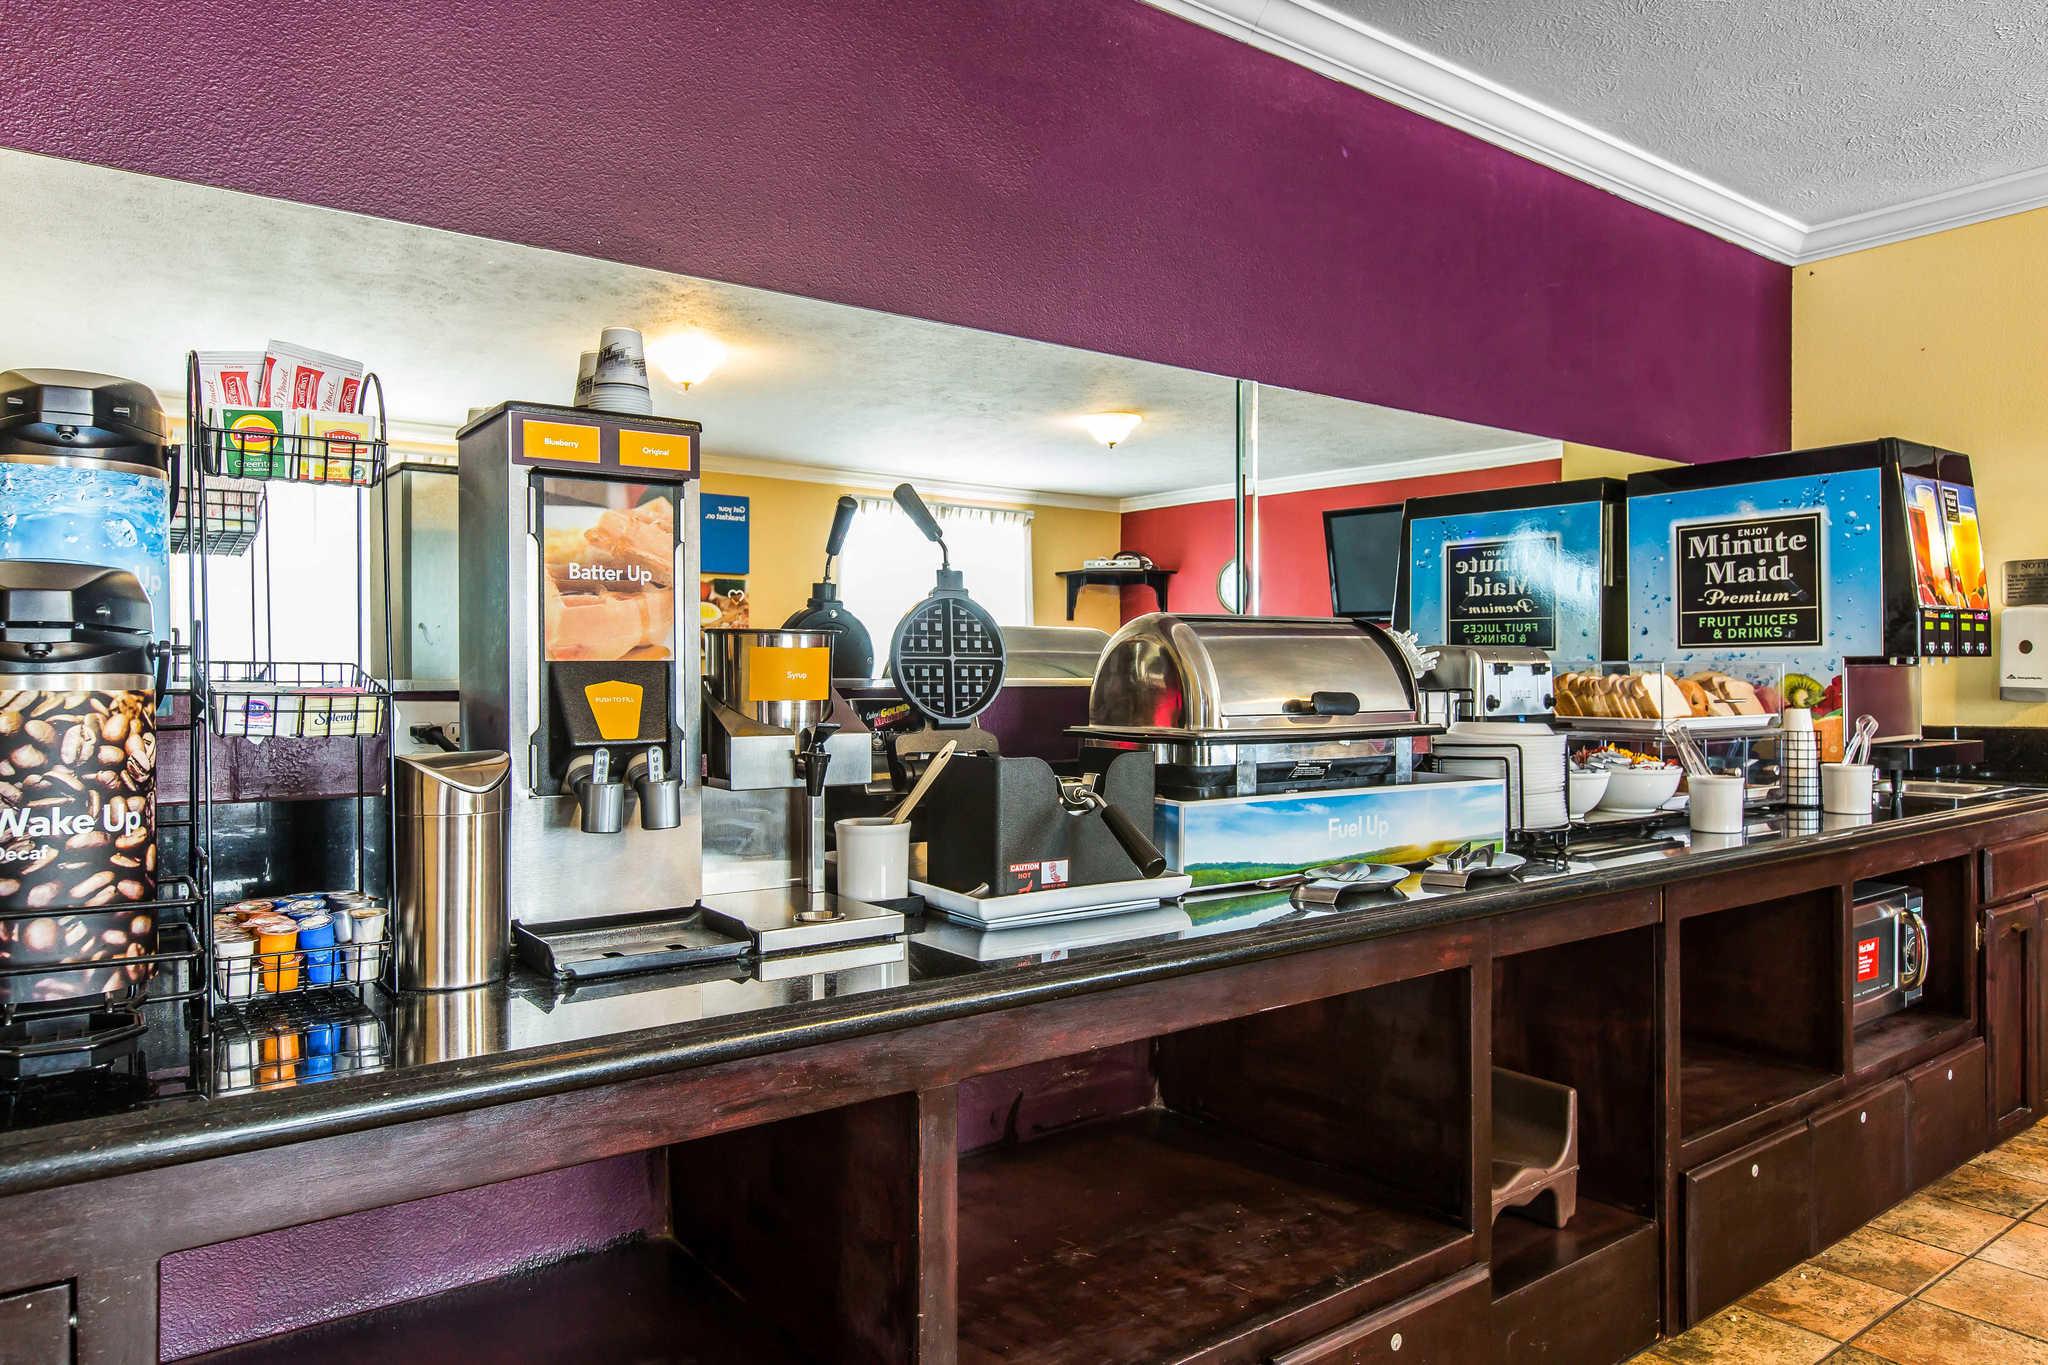 Comfort Inn & Suites El Centro I-8 image 28